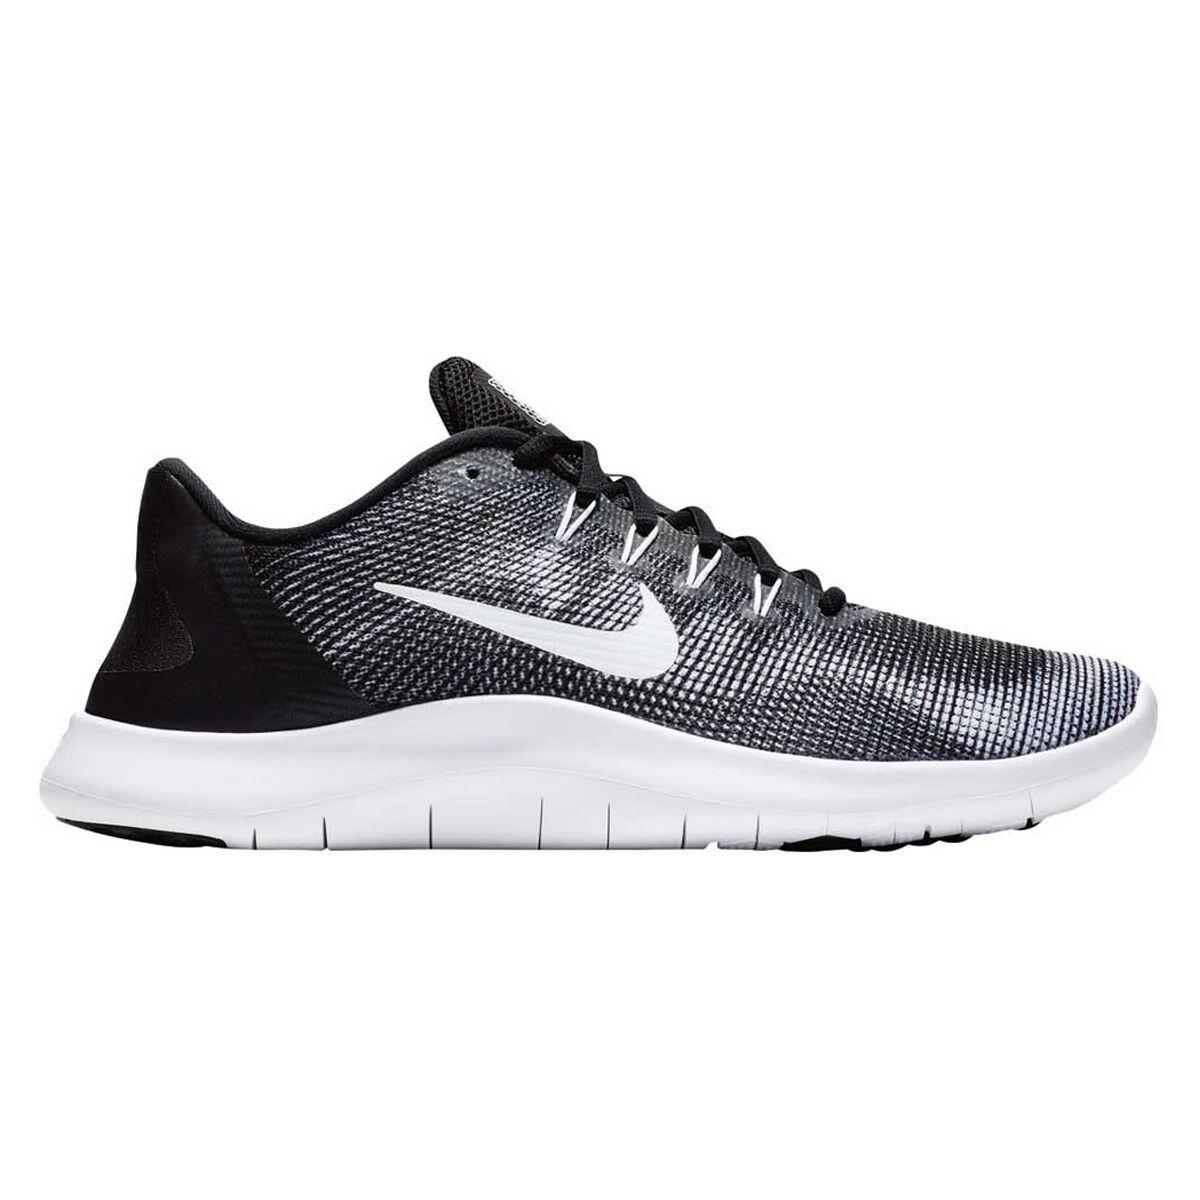 nike flex rn 2018 mens running shoes black white